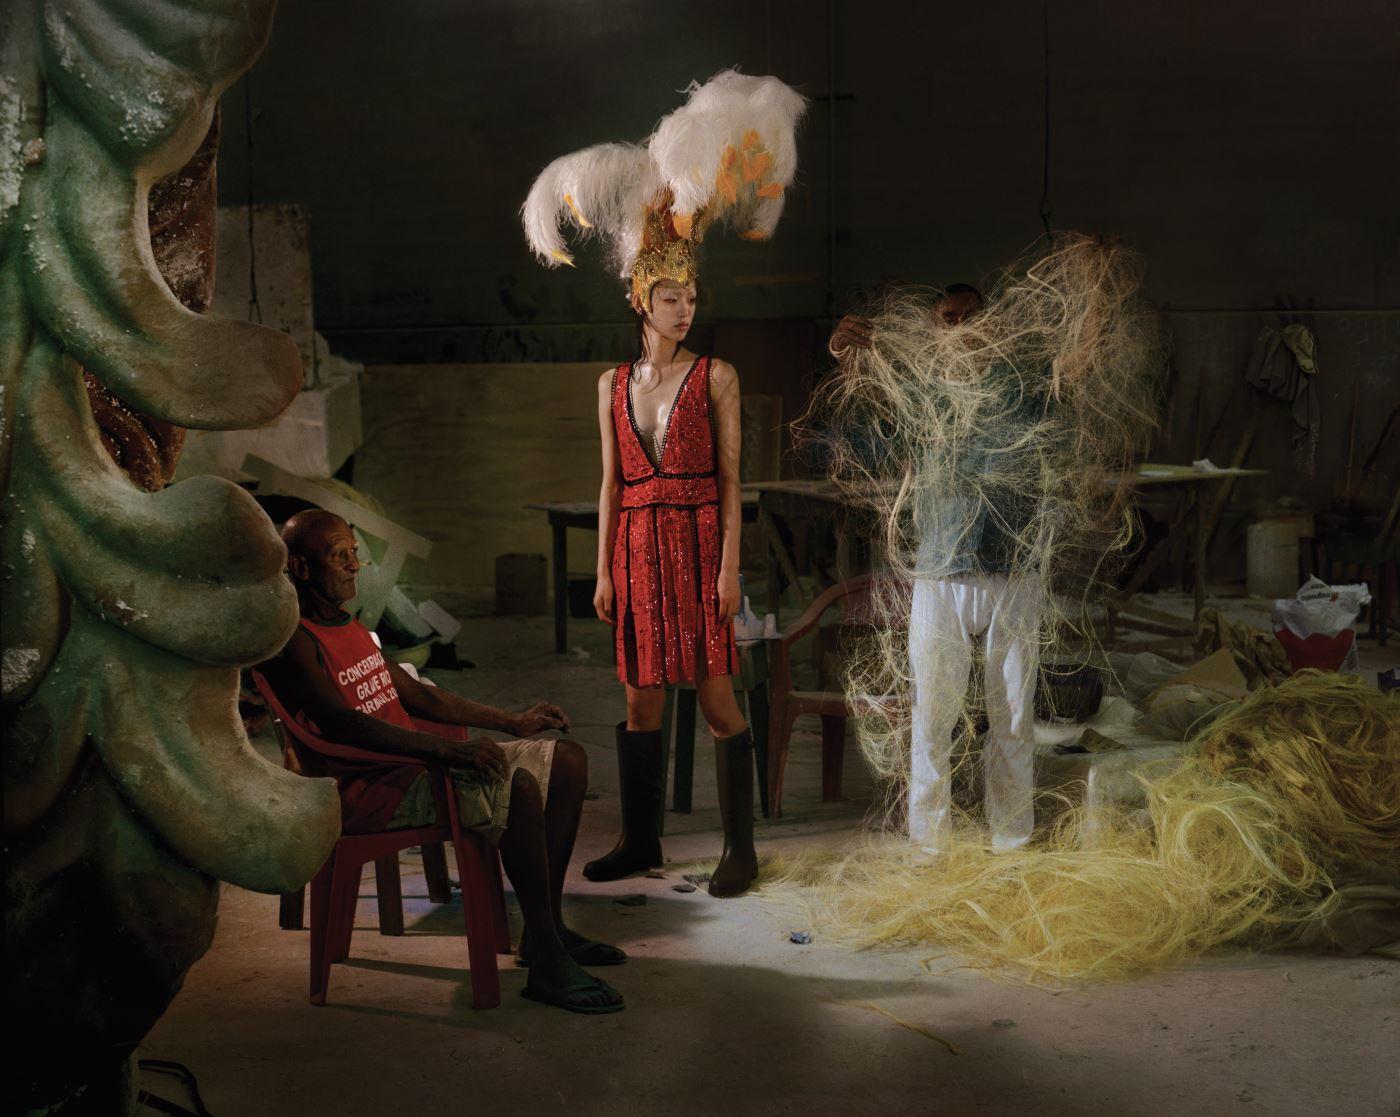 붉은색 시퀸 장식 드레스는 Emilio Pucci, 카키색 레인 부츠는 Saint Laurent 제품. 깃털 장식의 헤드피스는 삼바 학교(Samba School) 협찬 제품.